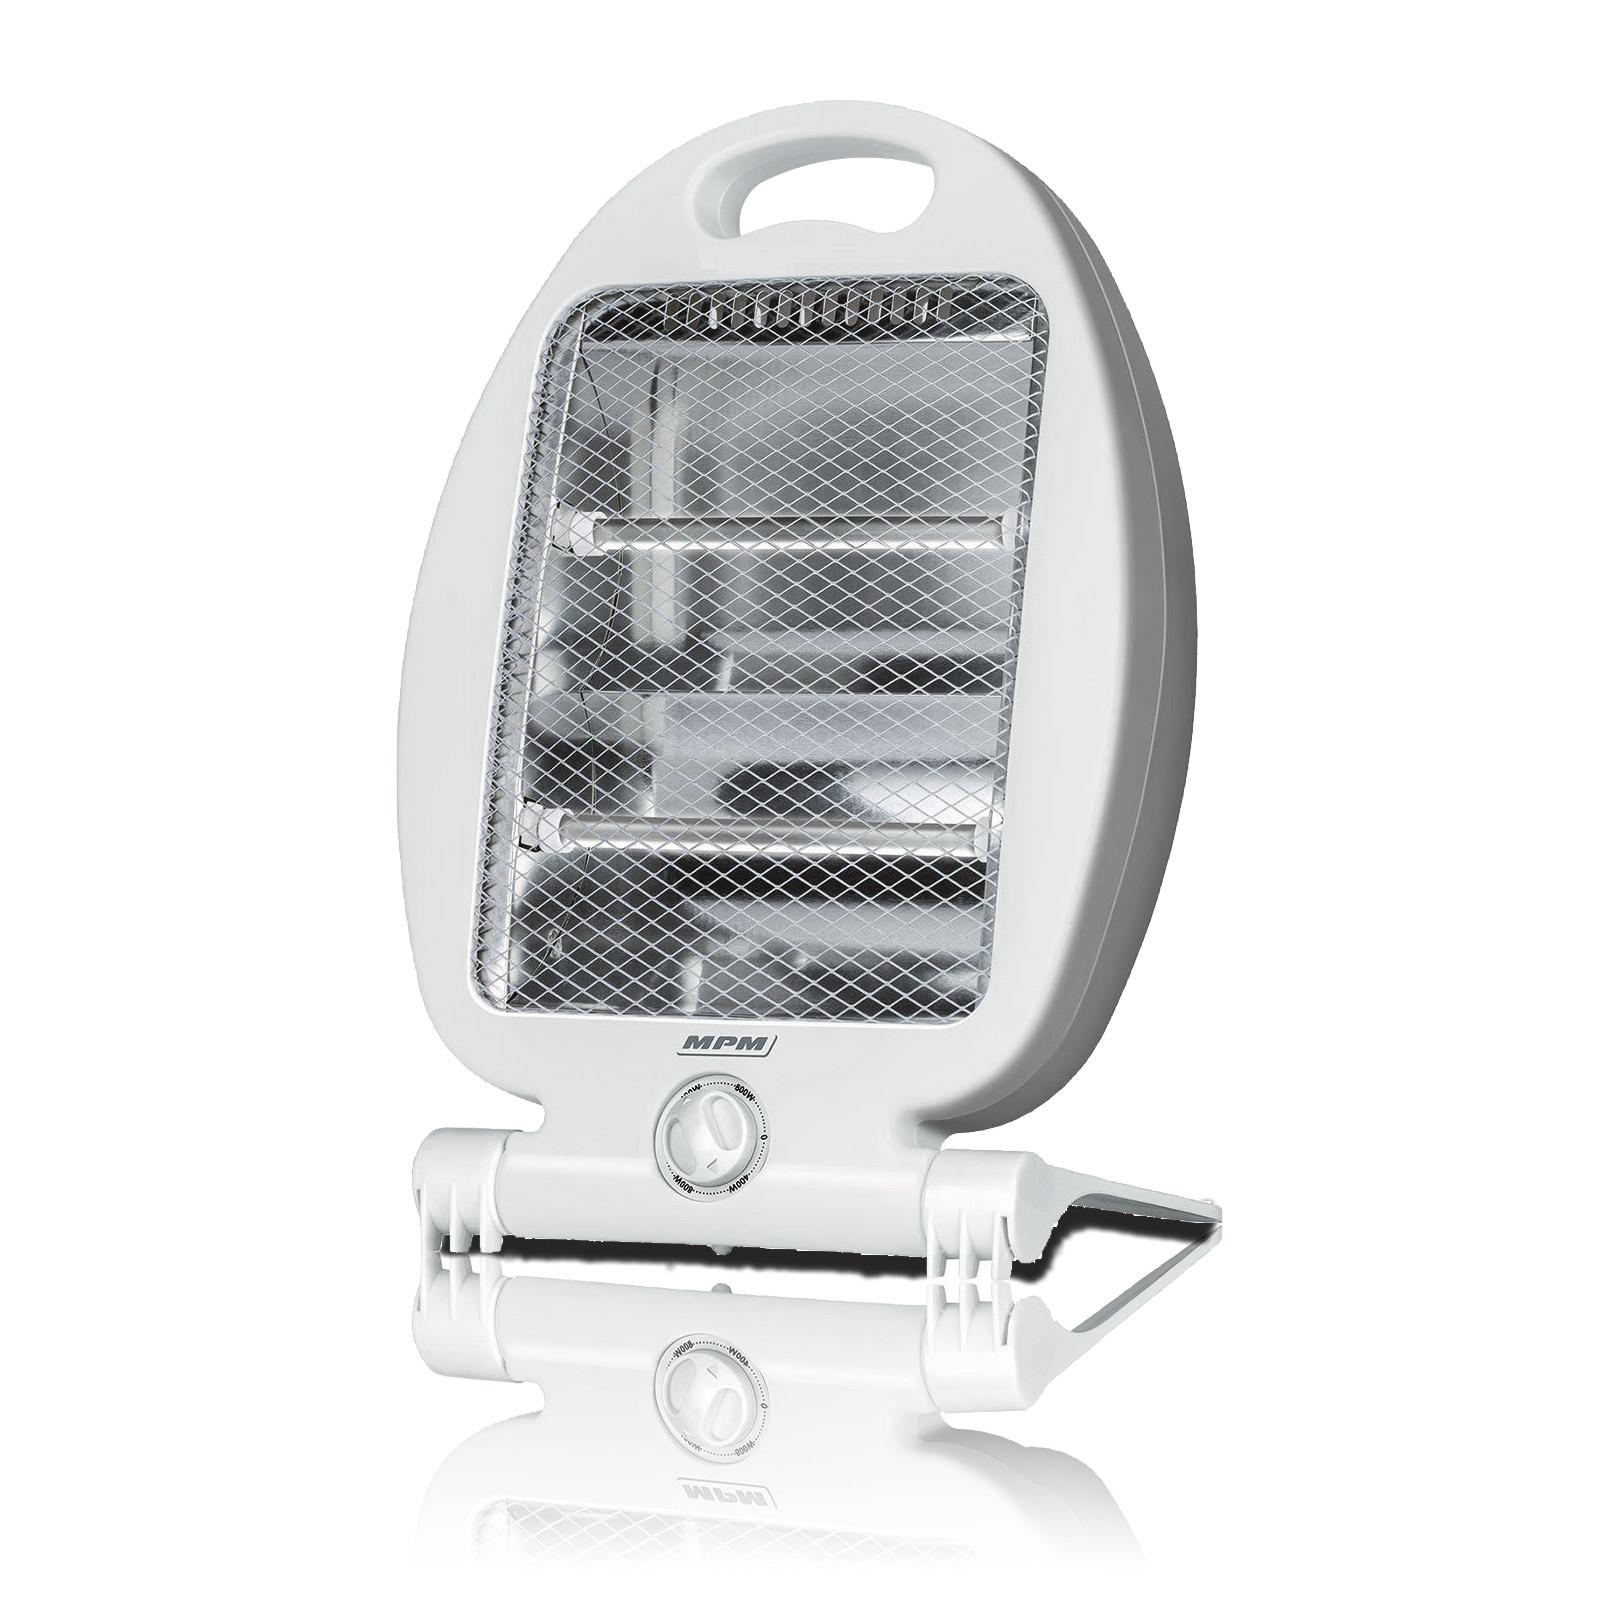 400//800W 80000 W Blanco radiador hal/ógeno 2 Niveles Temperatura Pol/ímero Termoresistente Libre De Bpa Sistema Seguridad Mpm MUG-15 Estufa el/éctrica de Cuarzo port/átil